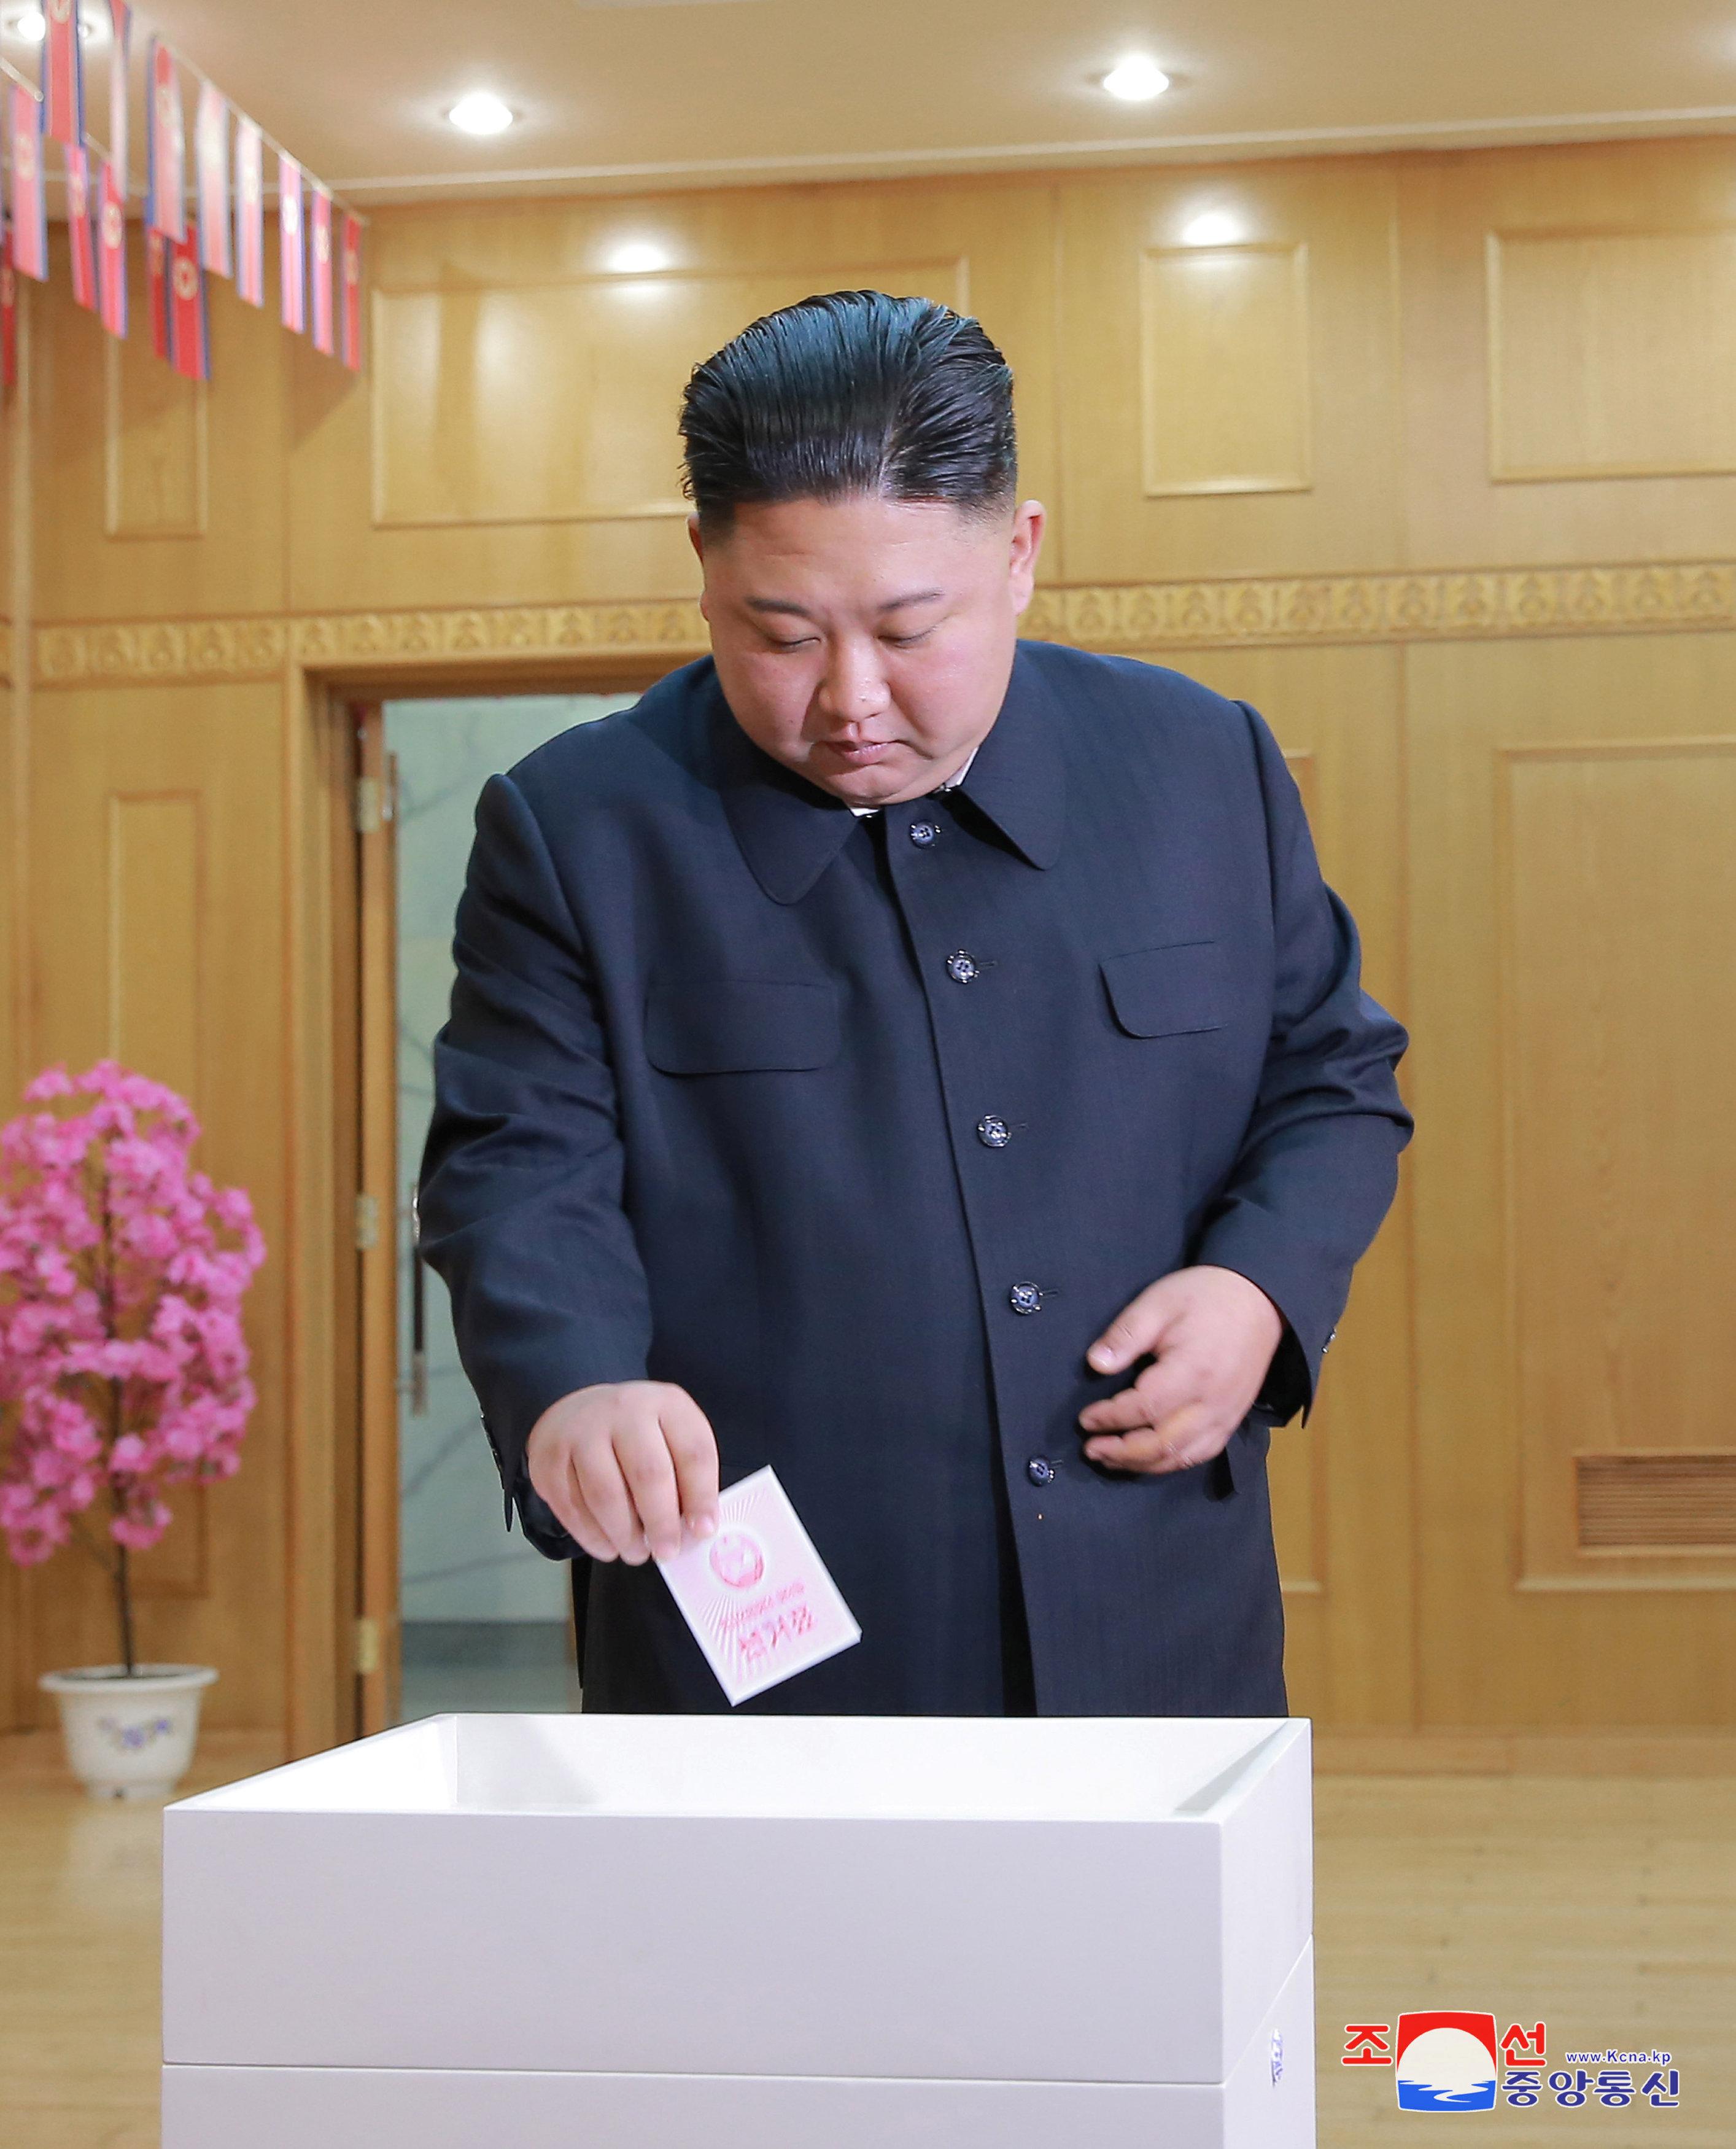 ekloges-me-enan-ypopsifio-paradosiakes-stoles-kai-apolyti-taxi-sti-voreia-korea-fotografies2